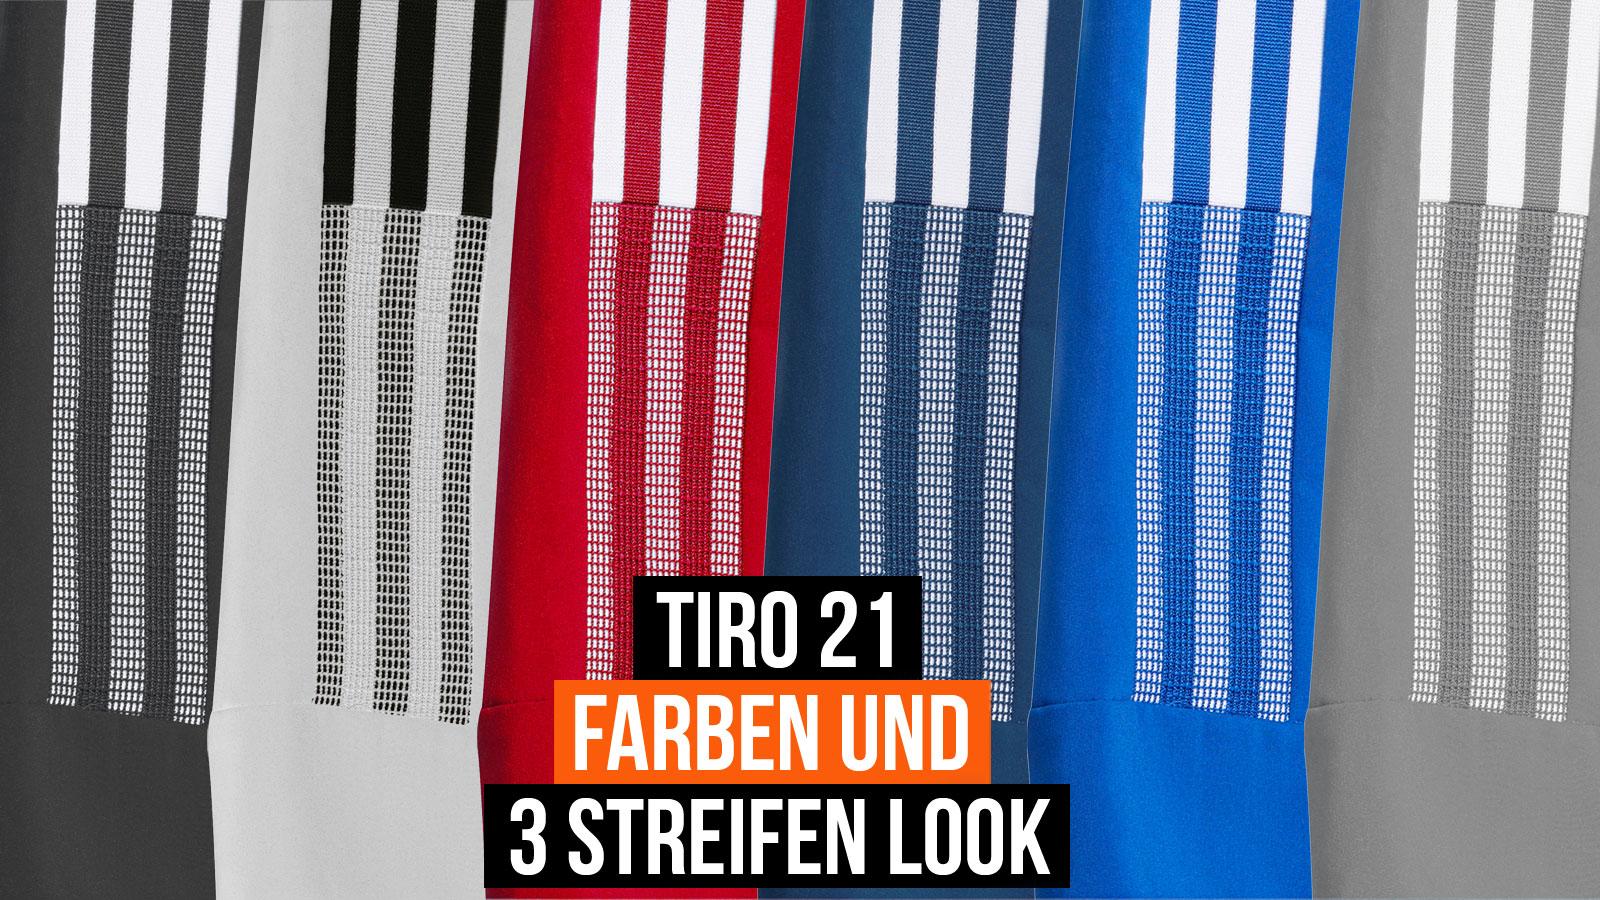 die adidas Tiro 21 Farben und das neue 3 Streifen Design